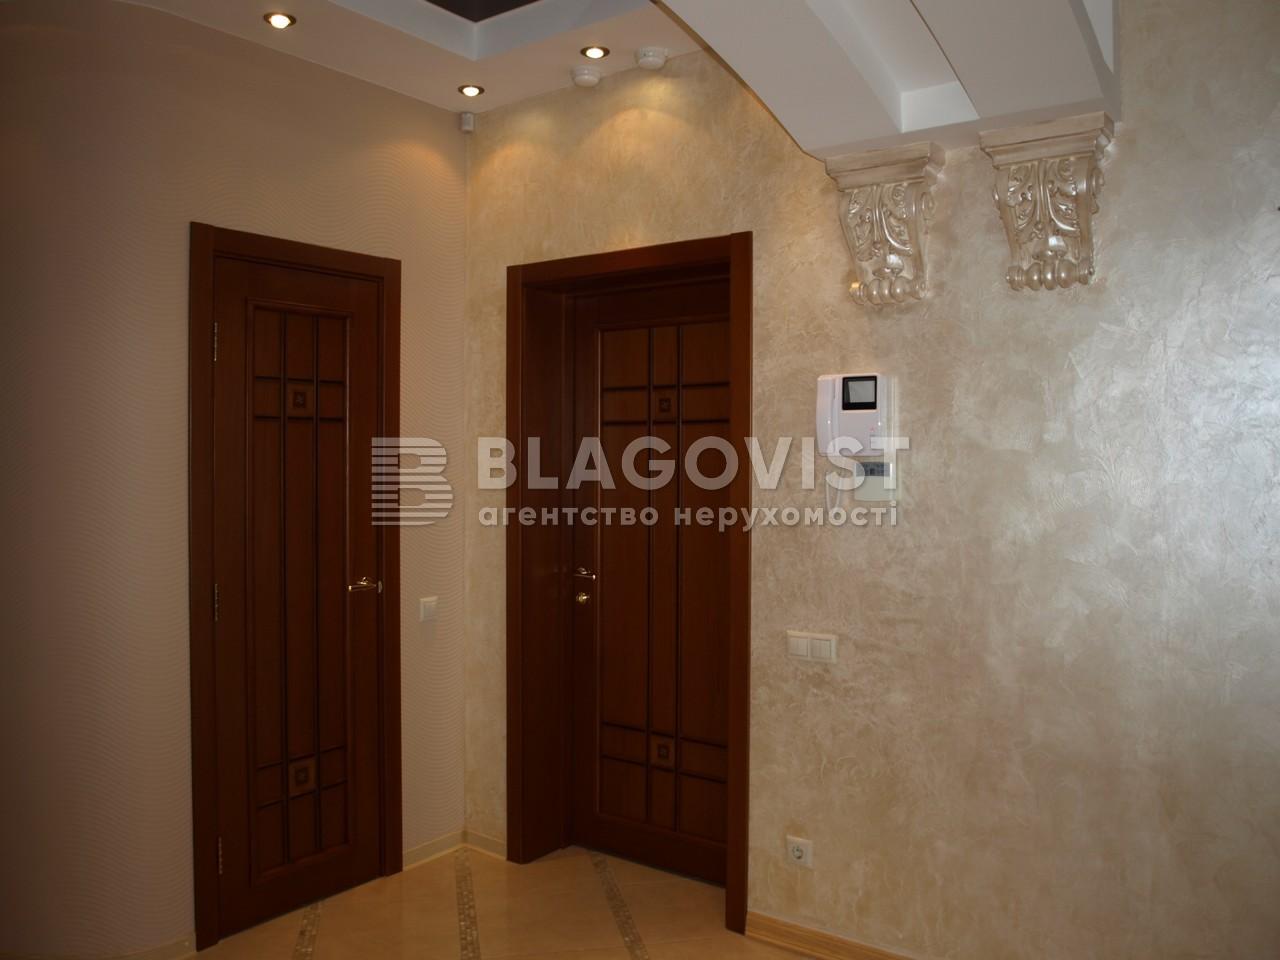 Квартира D-28748, Панаса Мирного, 17, Київ - Фото 22